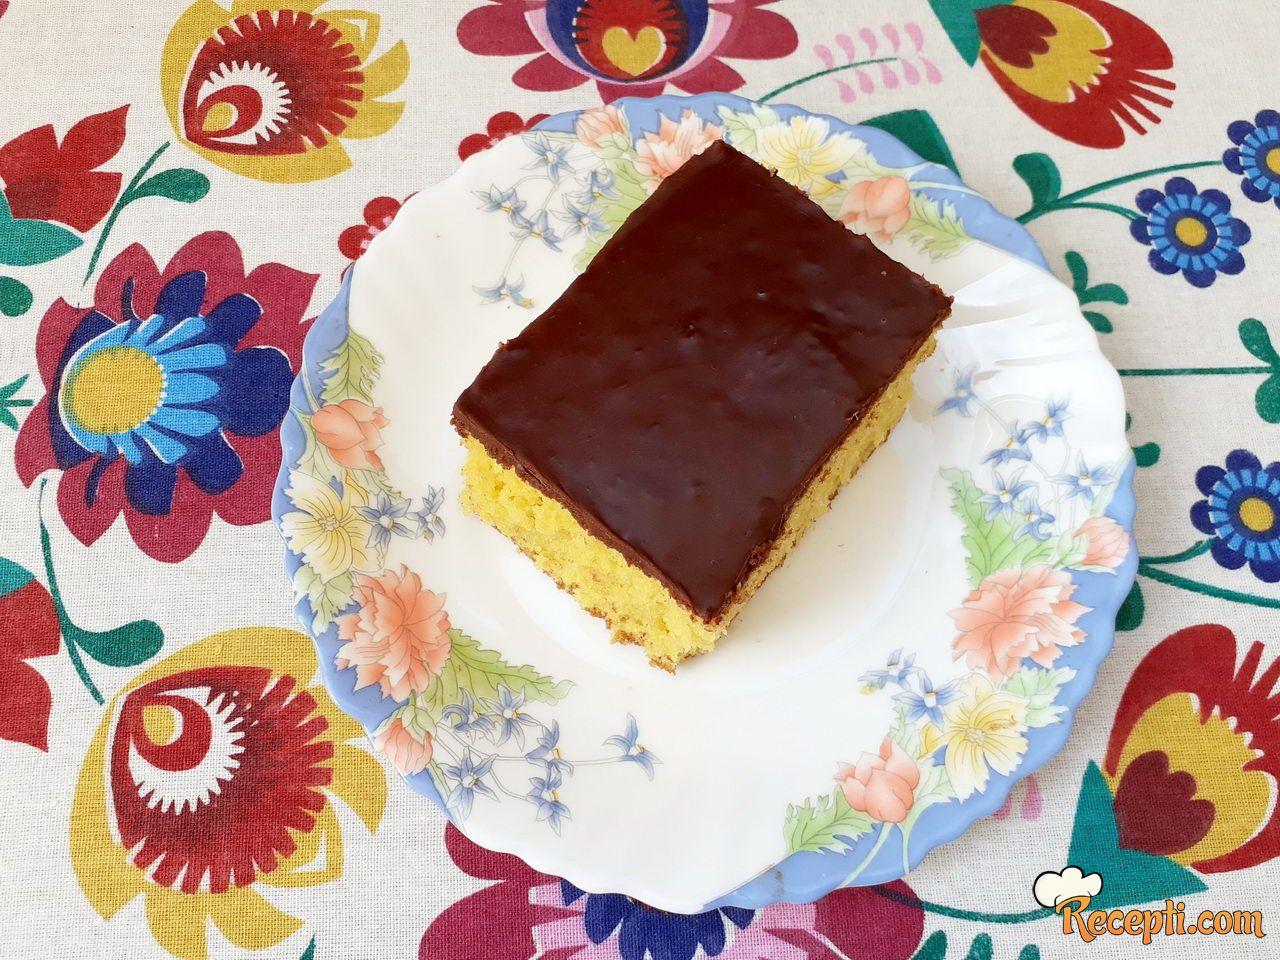 Barni kolač